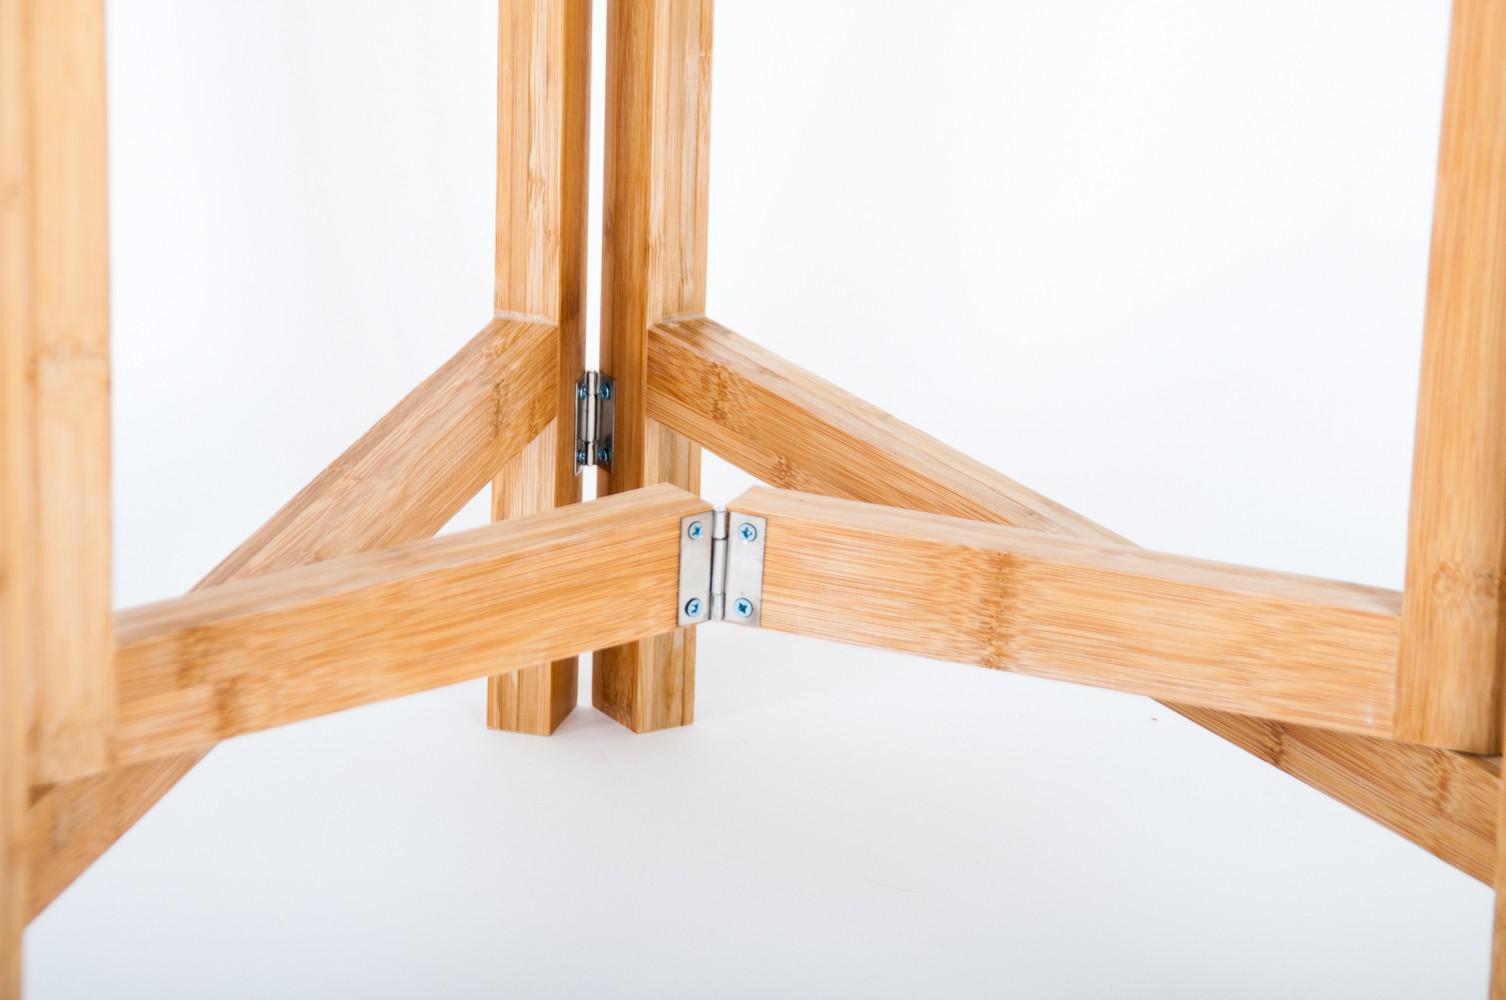 bambus biertisch klappbar klapptisch stehtisch bistrotisch. Black Bedroom Furniture Sets. Home Design Ideas